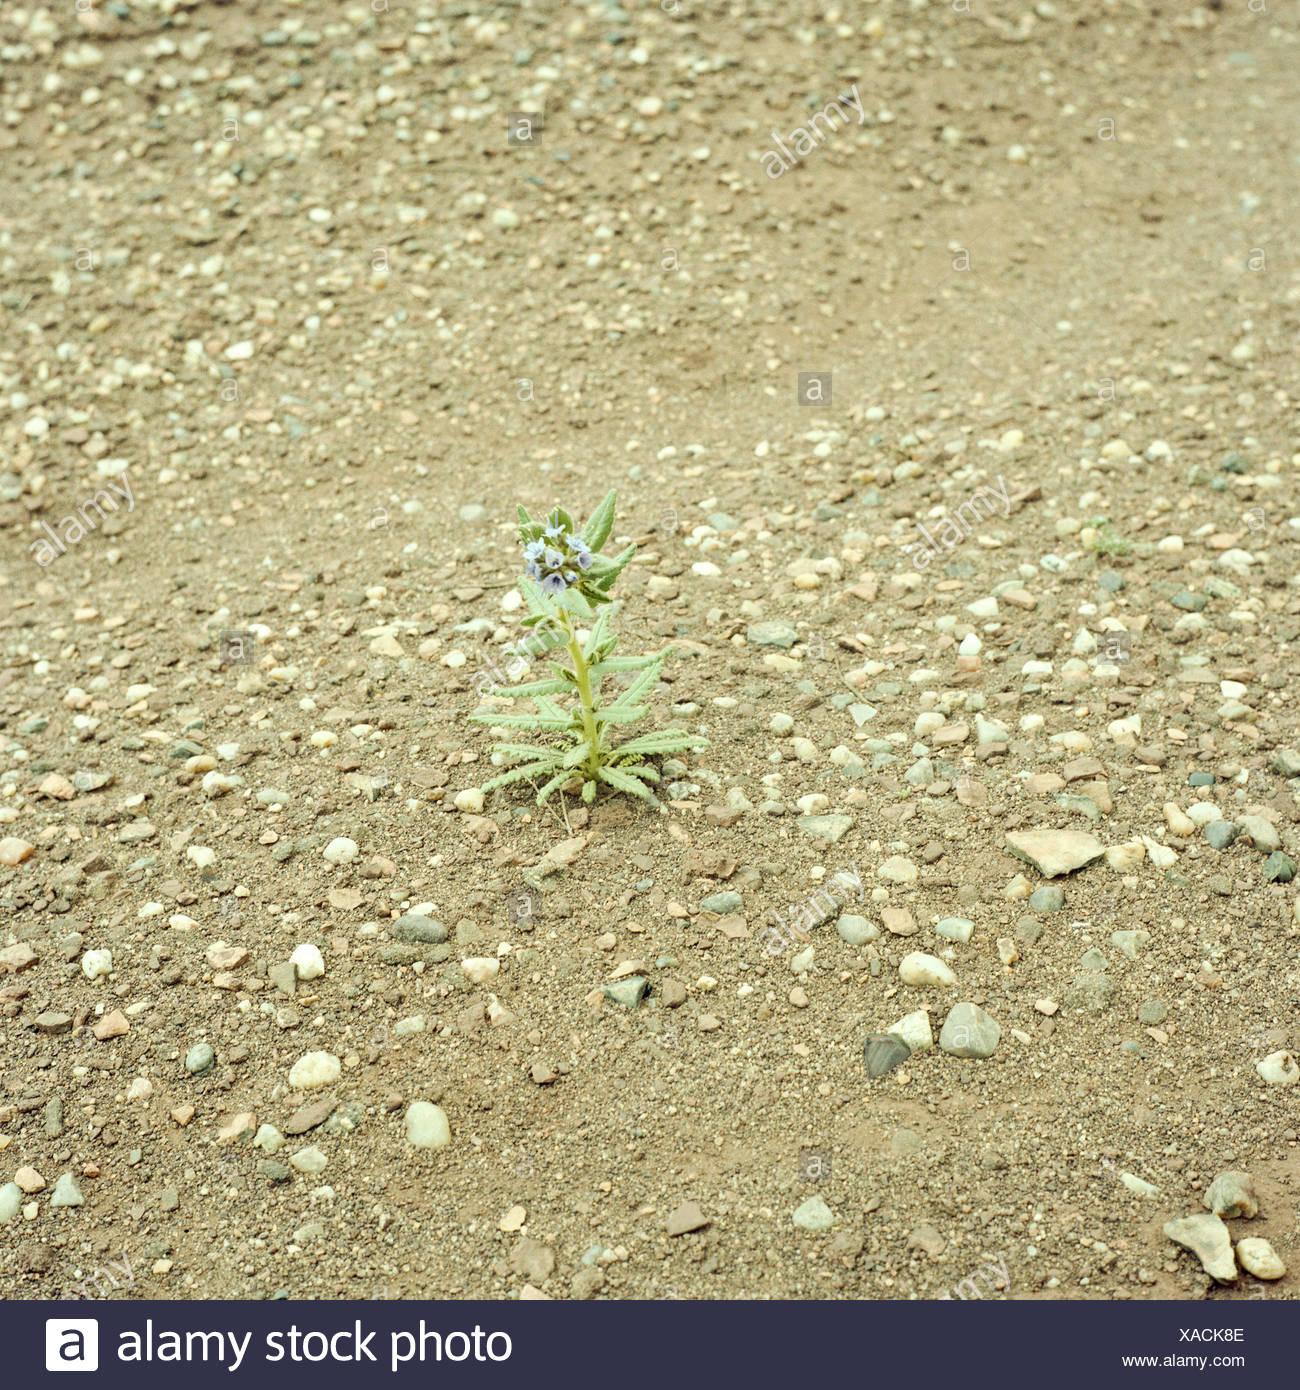 Single flower in desert - Stock Image